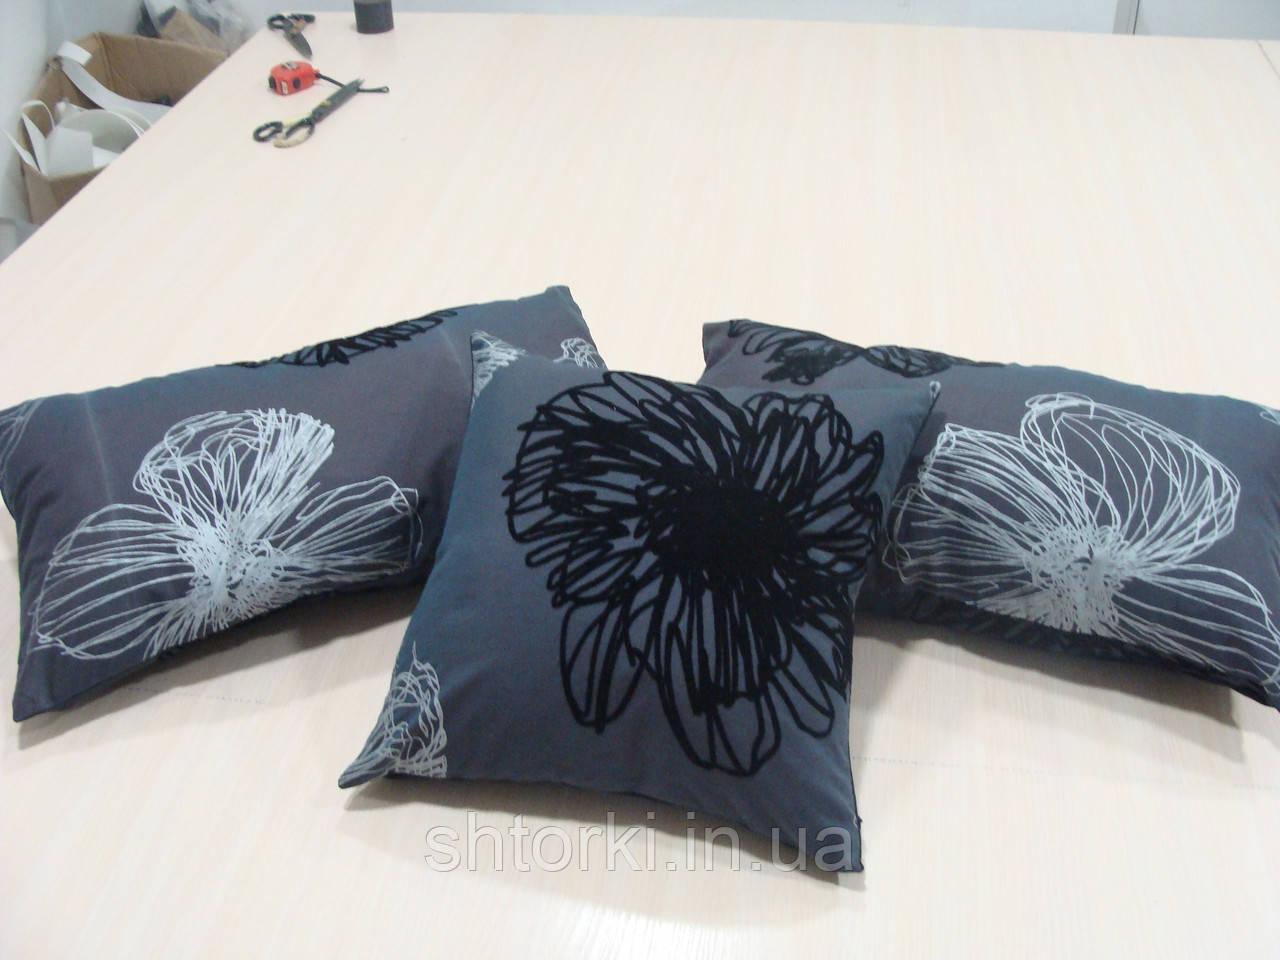 Комплект подушек  3шт серо черные Пионы